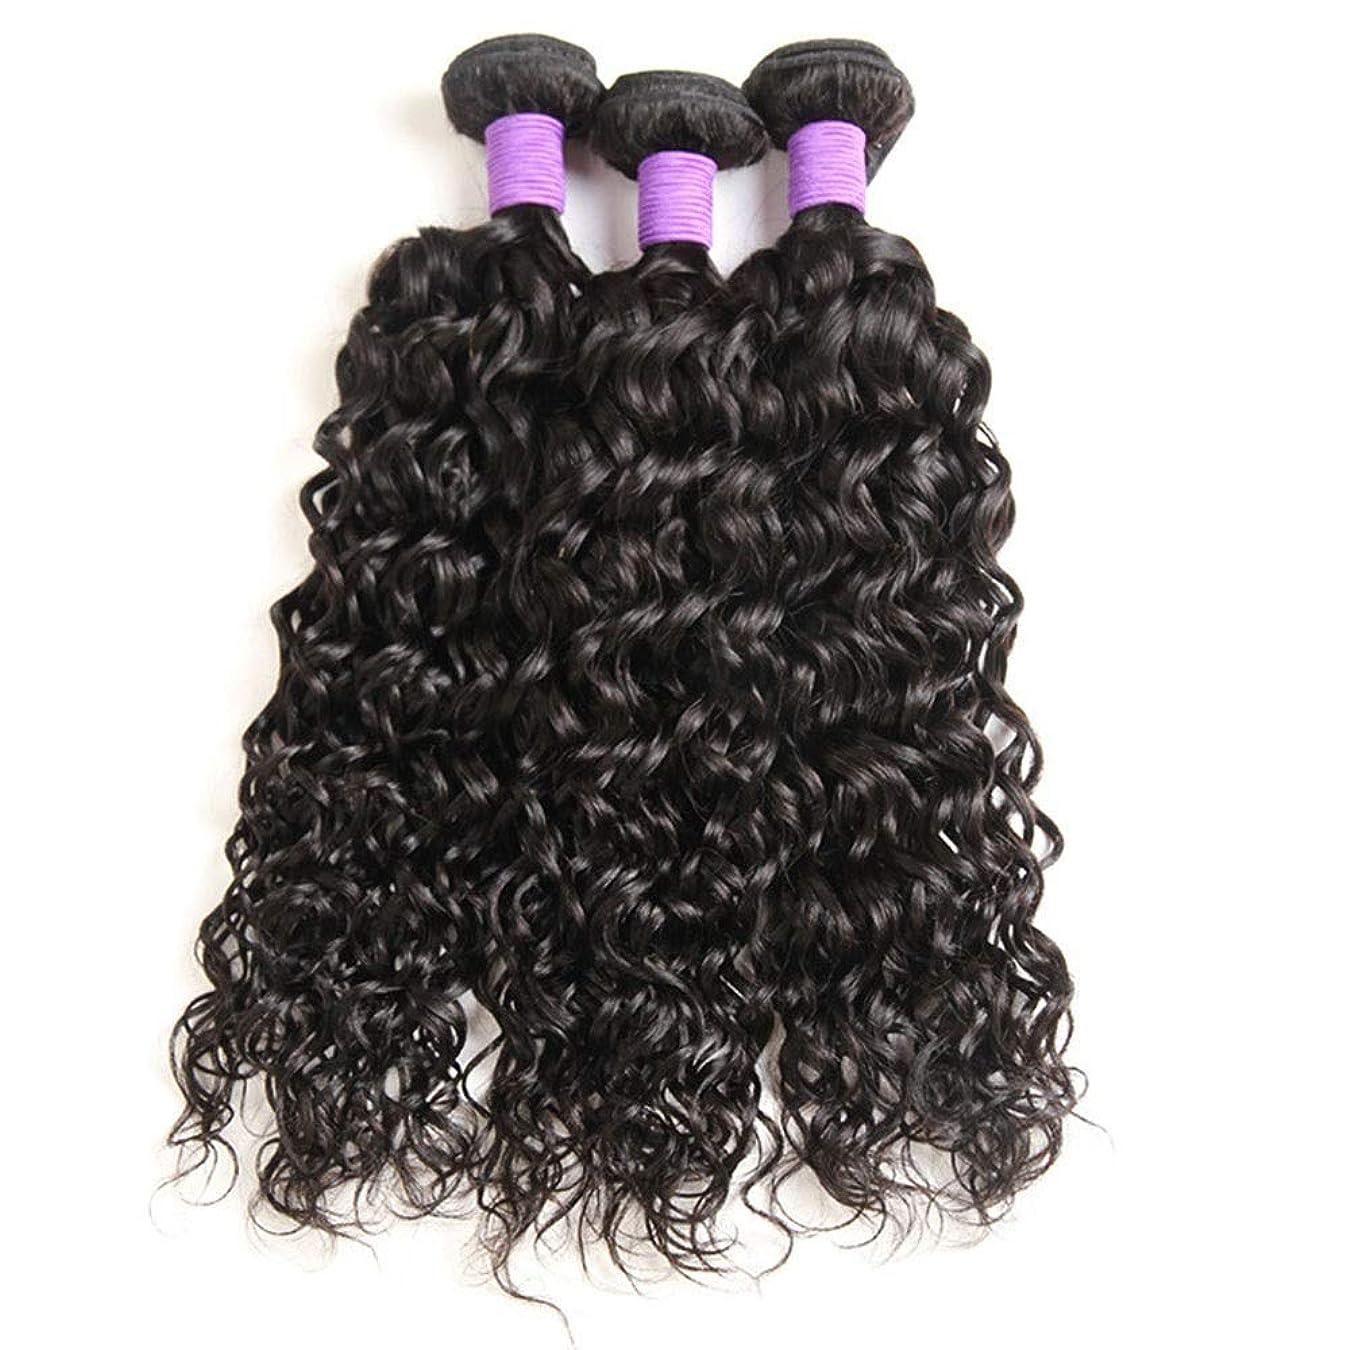 一過性蒸長方形BOBIDYEE ブラジルのウォーターヘアー織り1束、100%ブラジルのウォーターウェーブ人間の毛髪延長100 g /バンドル1つの女性の合成かつらレースのかつらロールプレイングウィッグのナチュラルカラーパック (色 : 黒, サイズ : 14 inch)